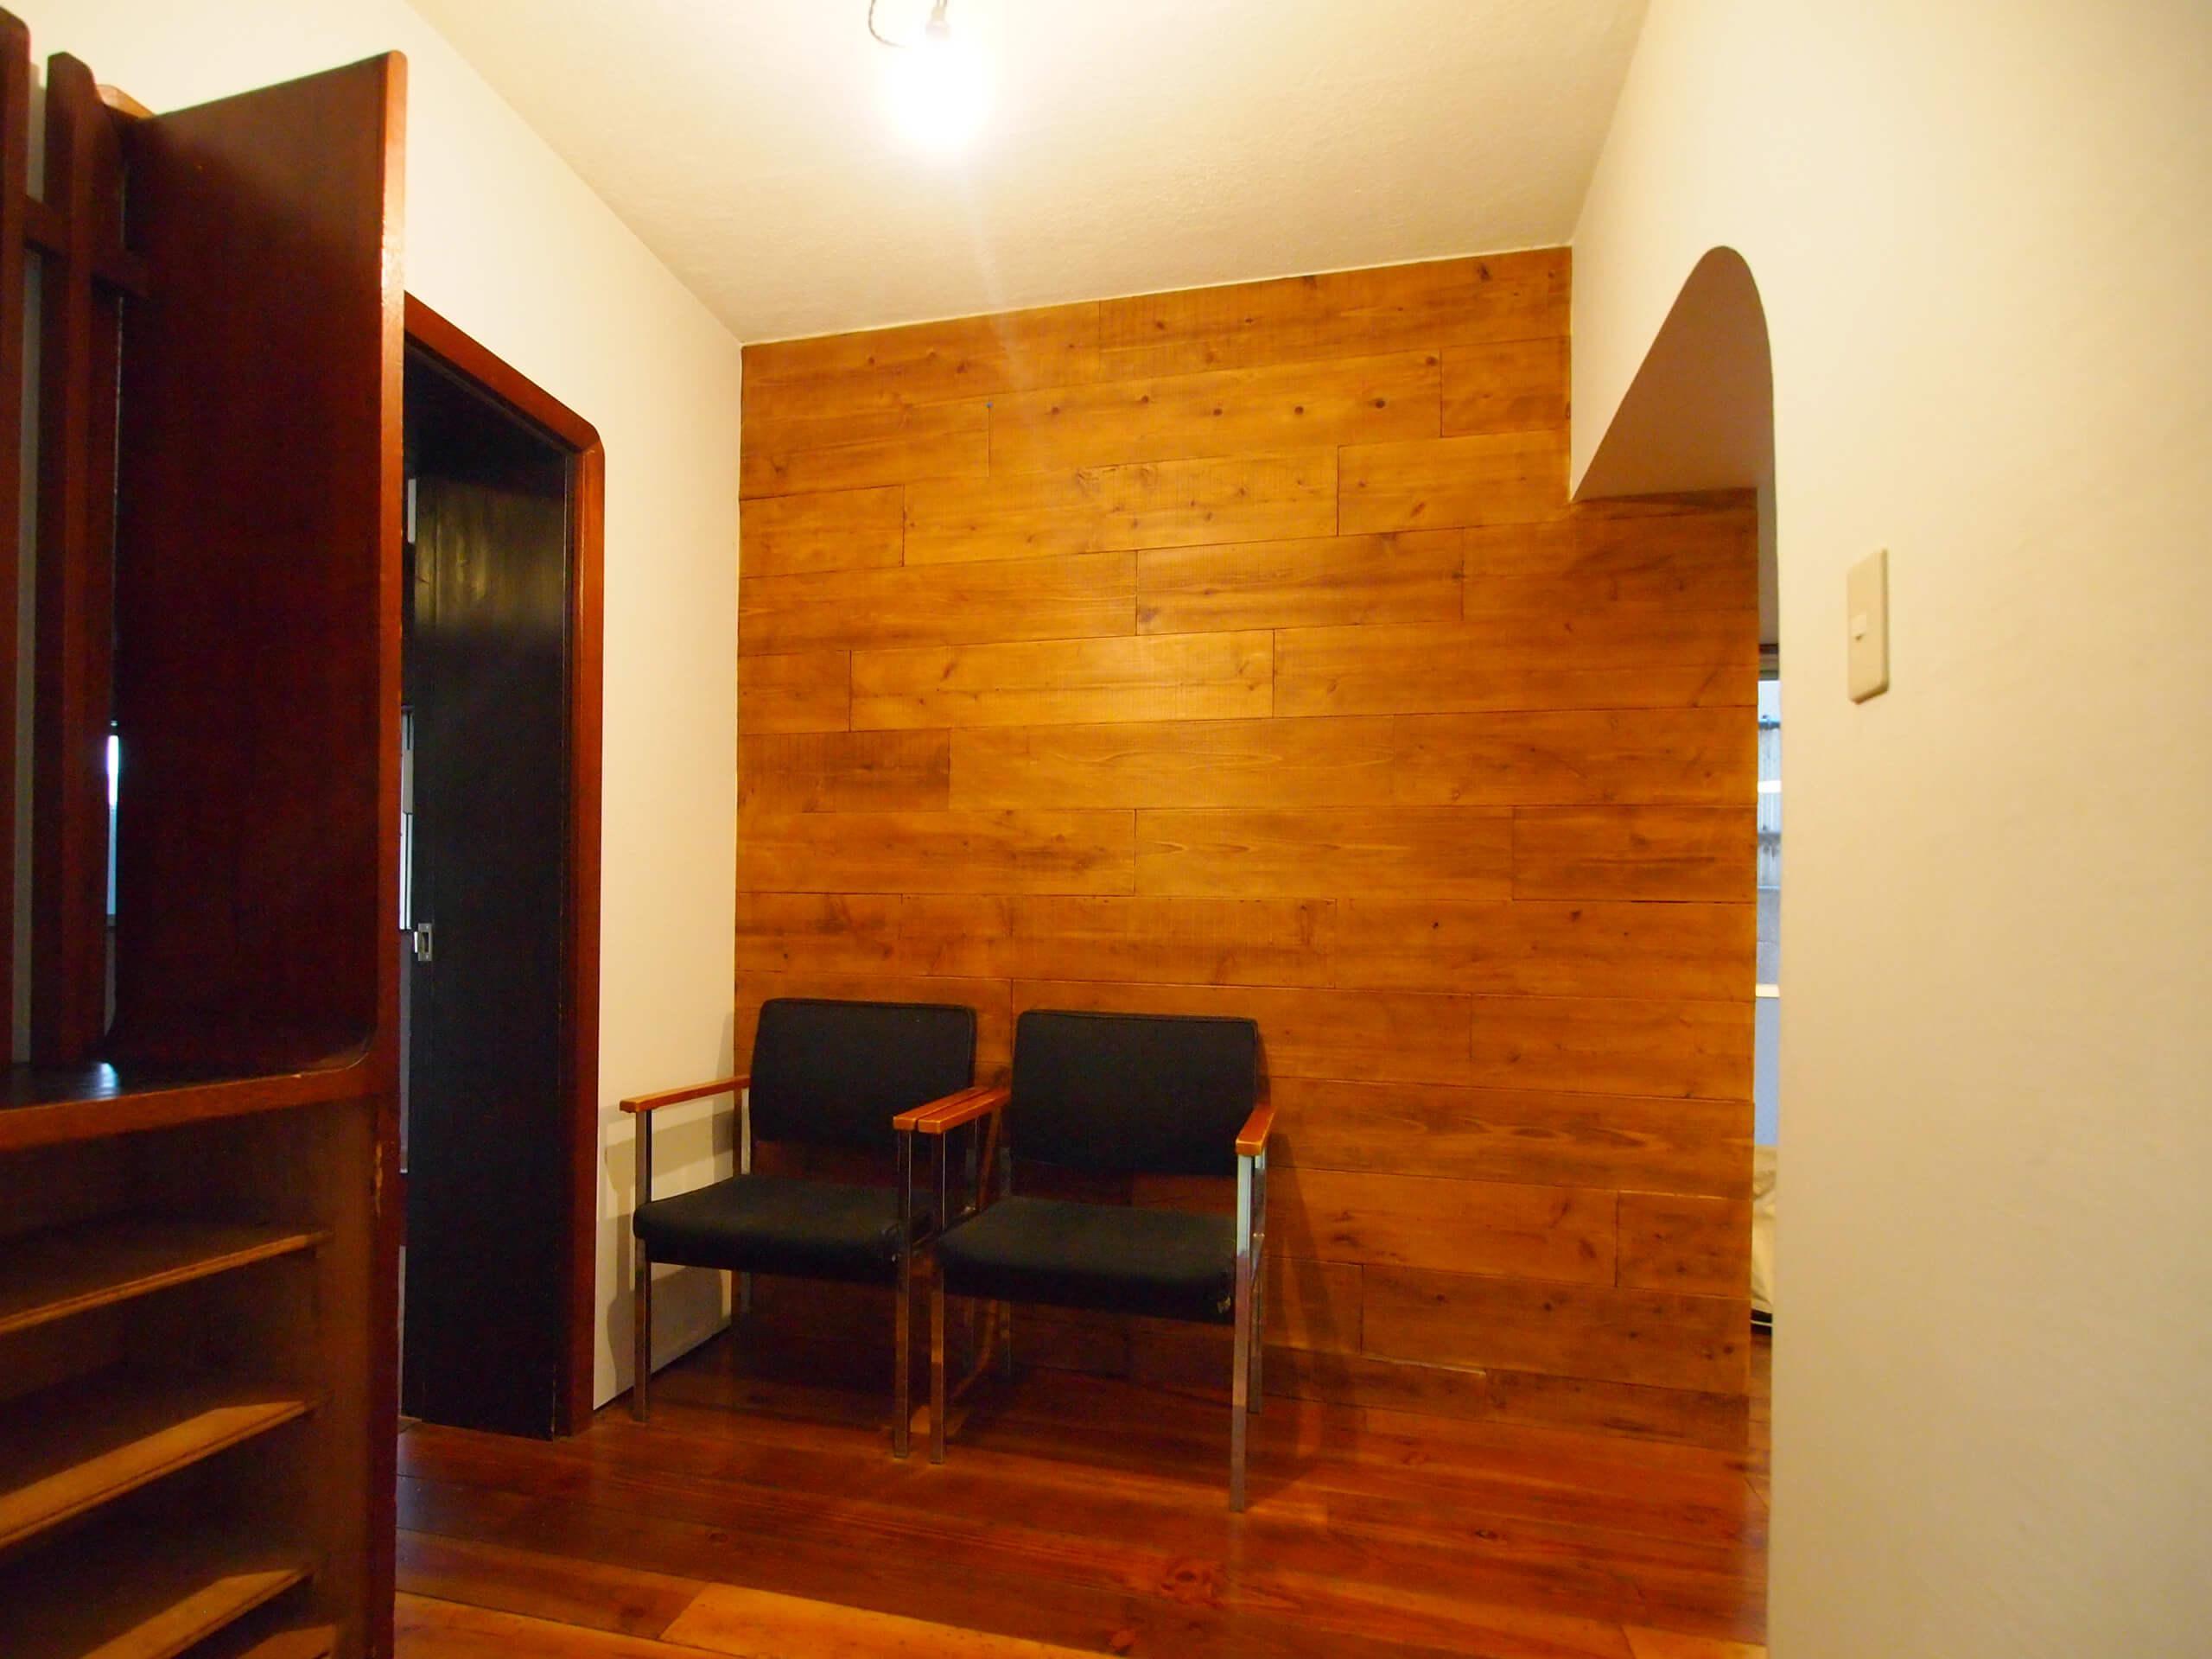 【玄関】ドアを開けると板張りの壁が待っている